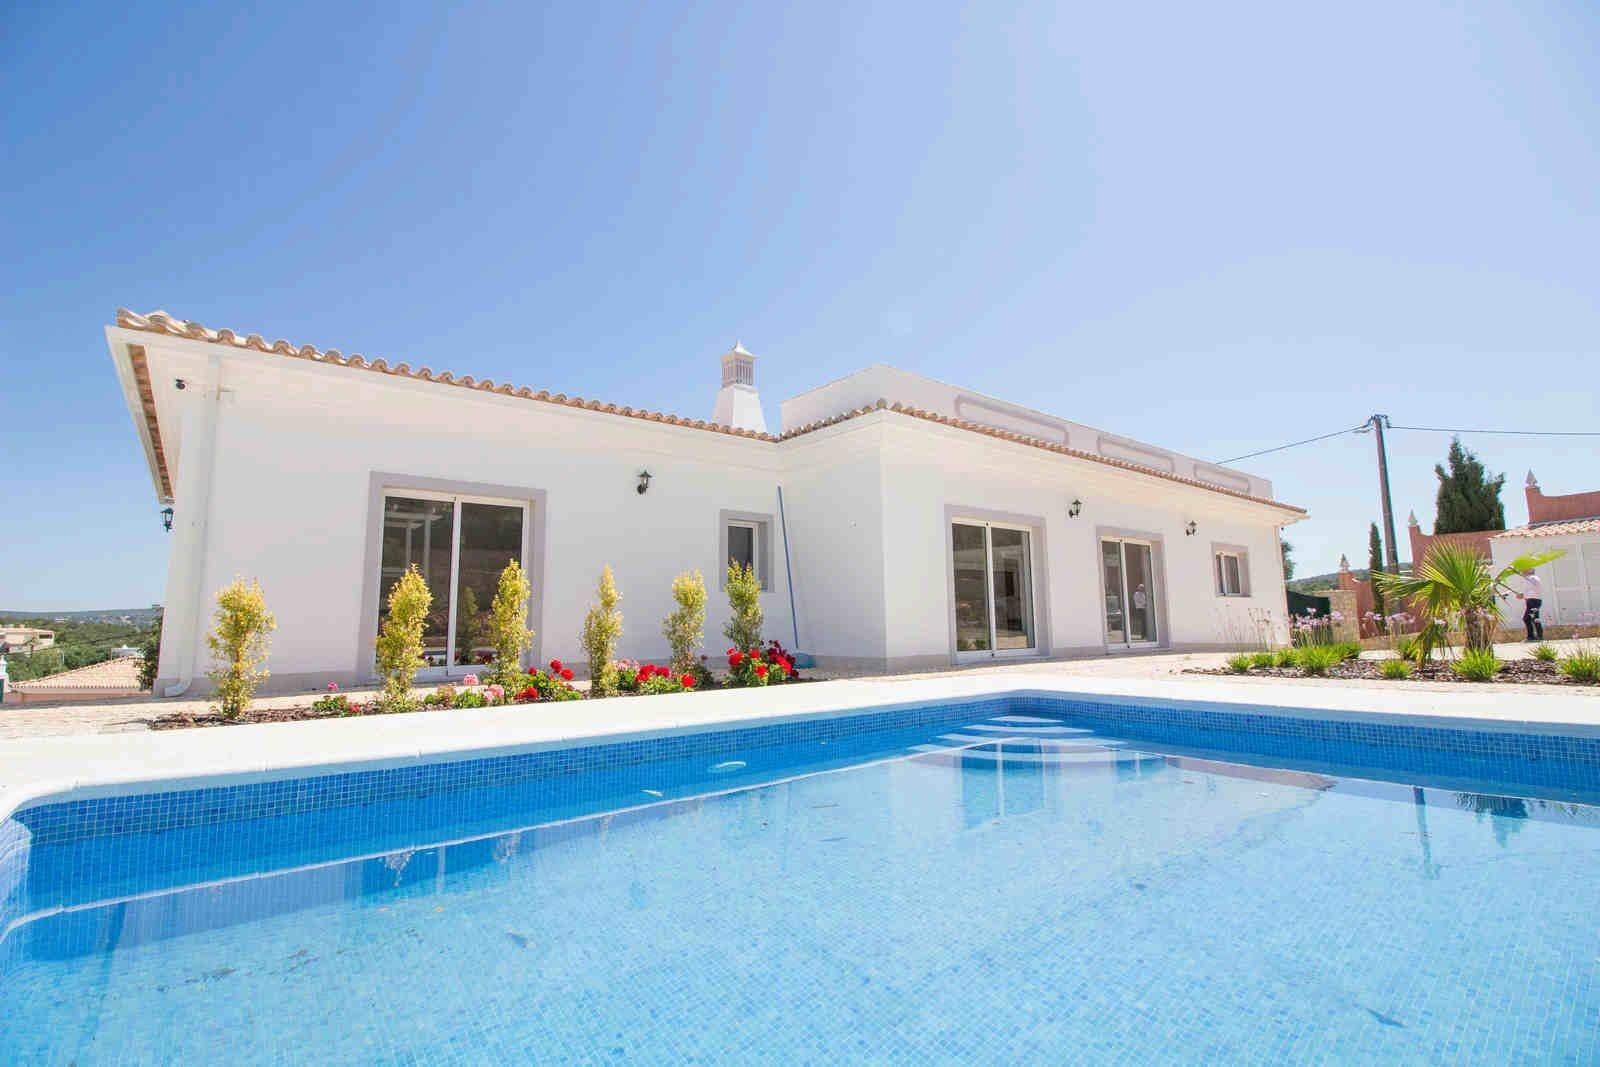 4 Bedroom Villa Loule, Central Algarve Ref: PV3489